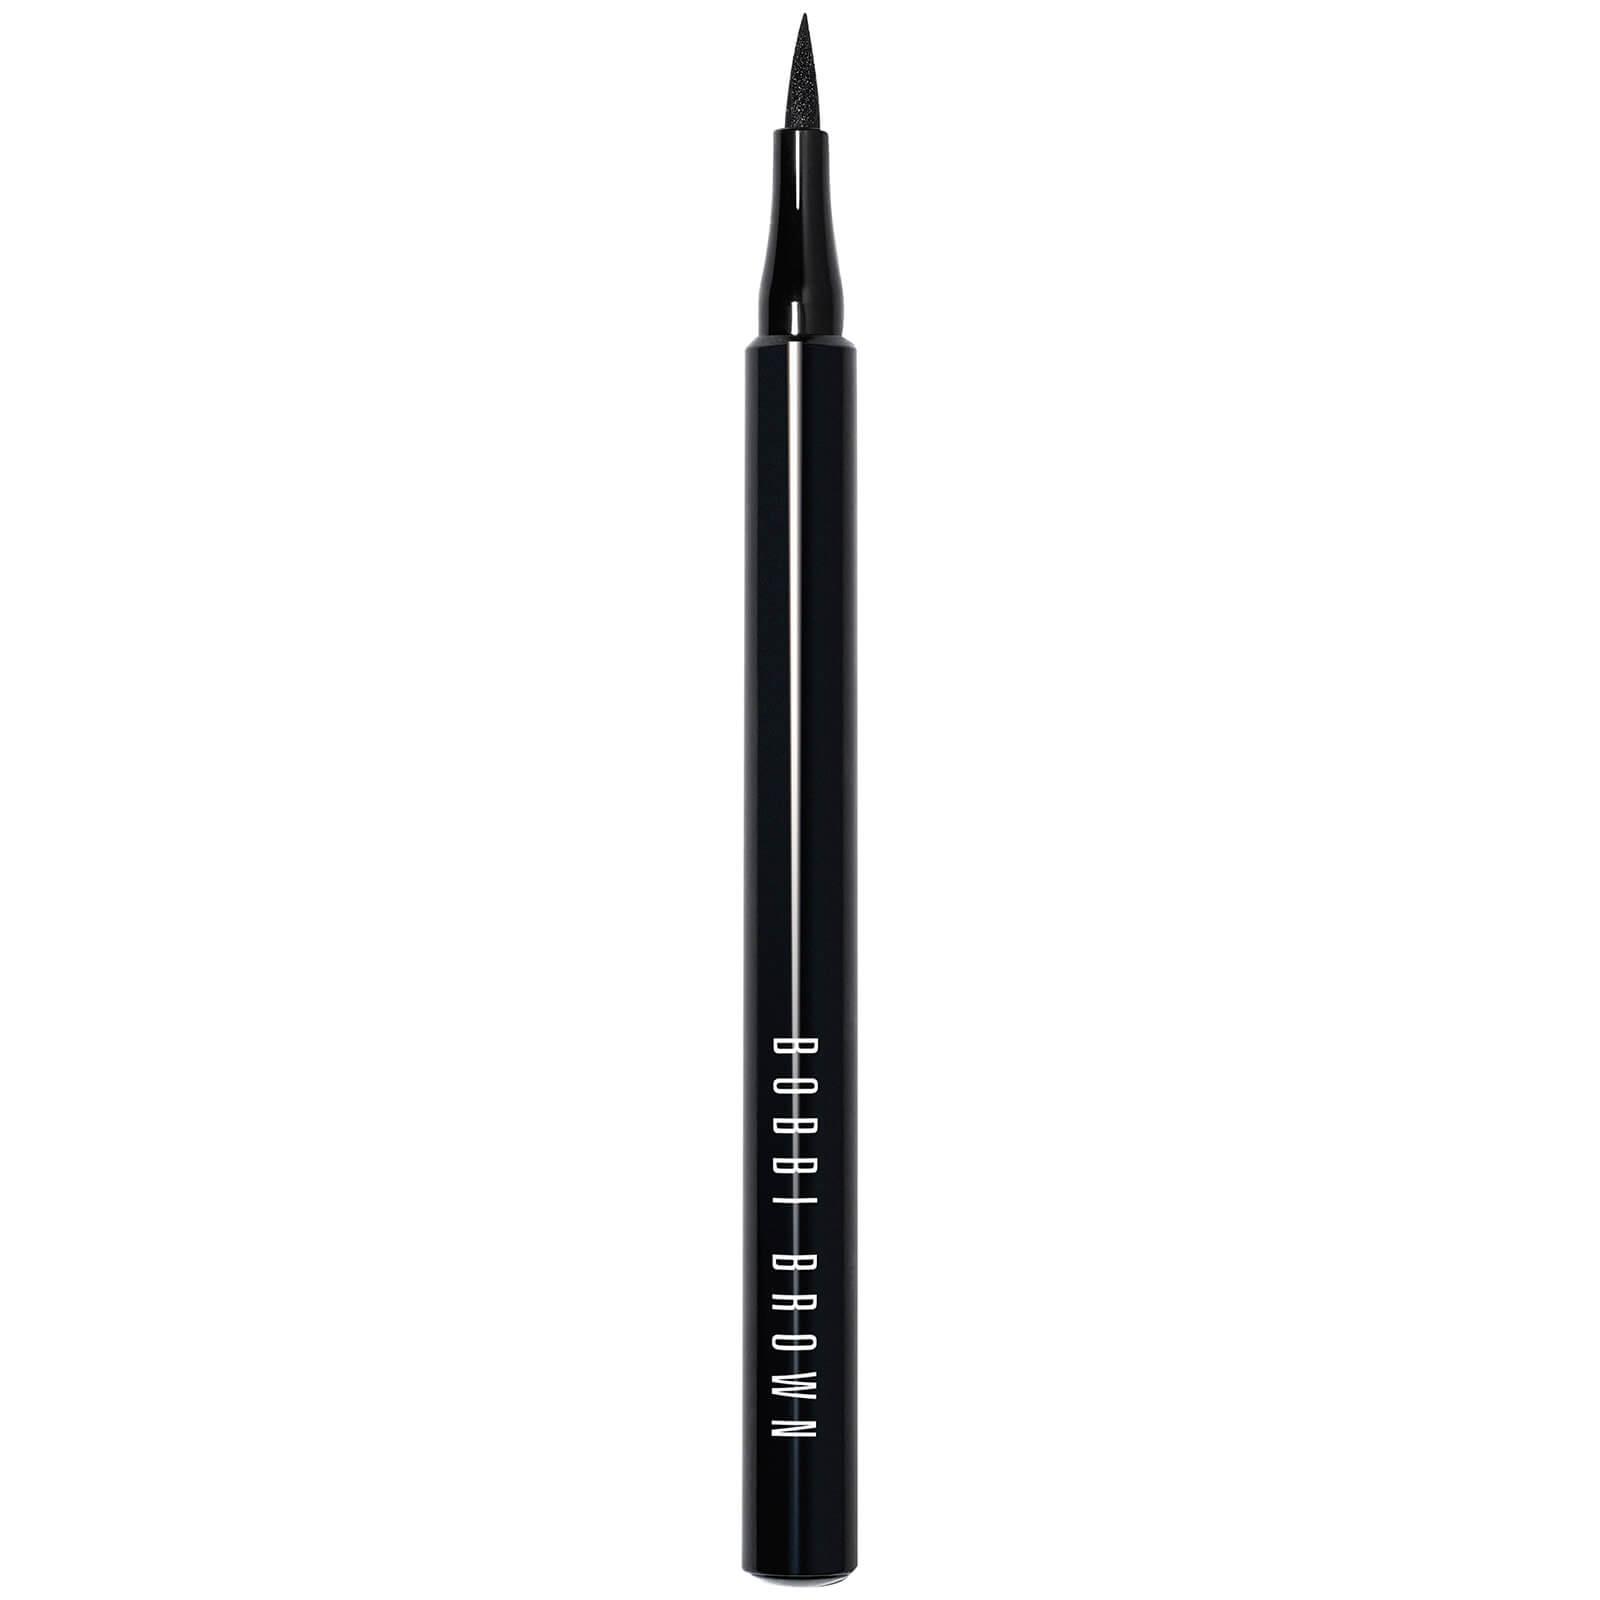 Bobbi Brown Ink Liner Eyeliner